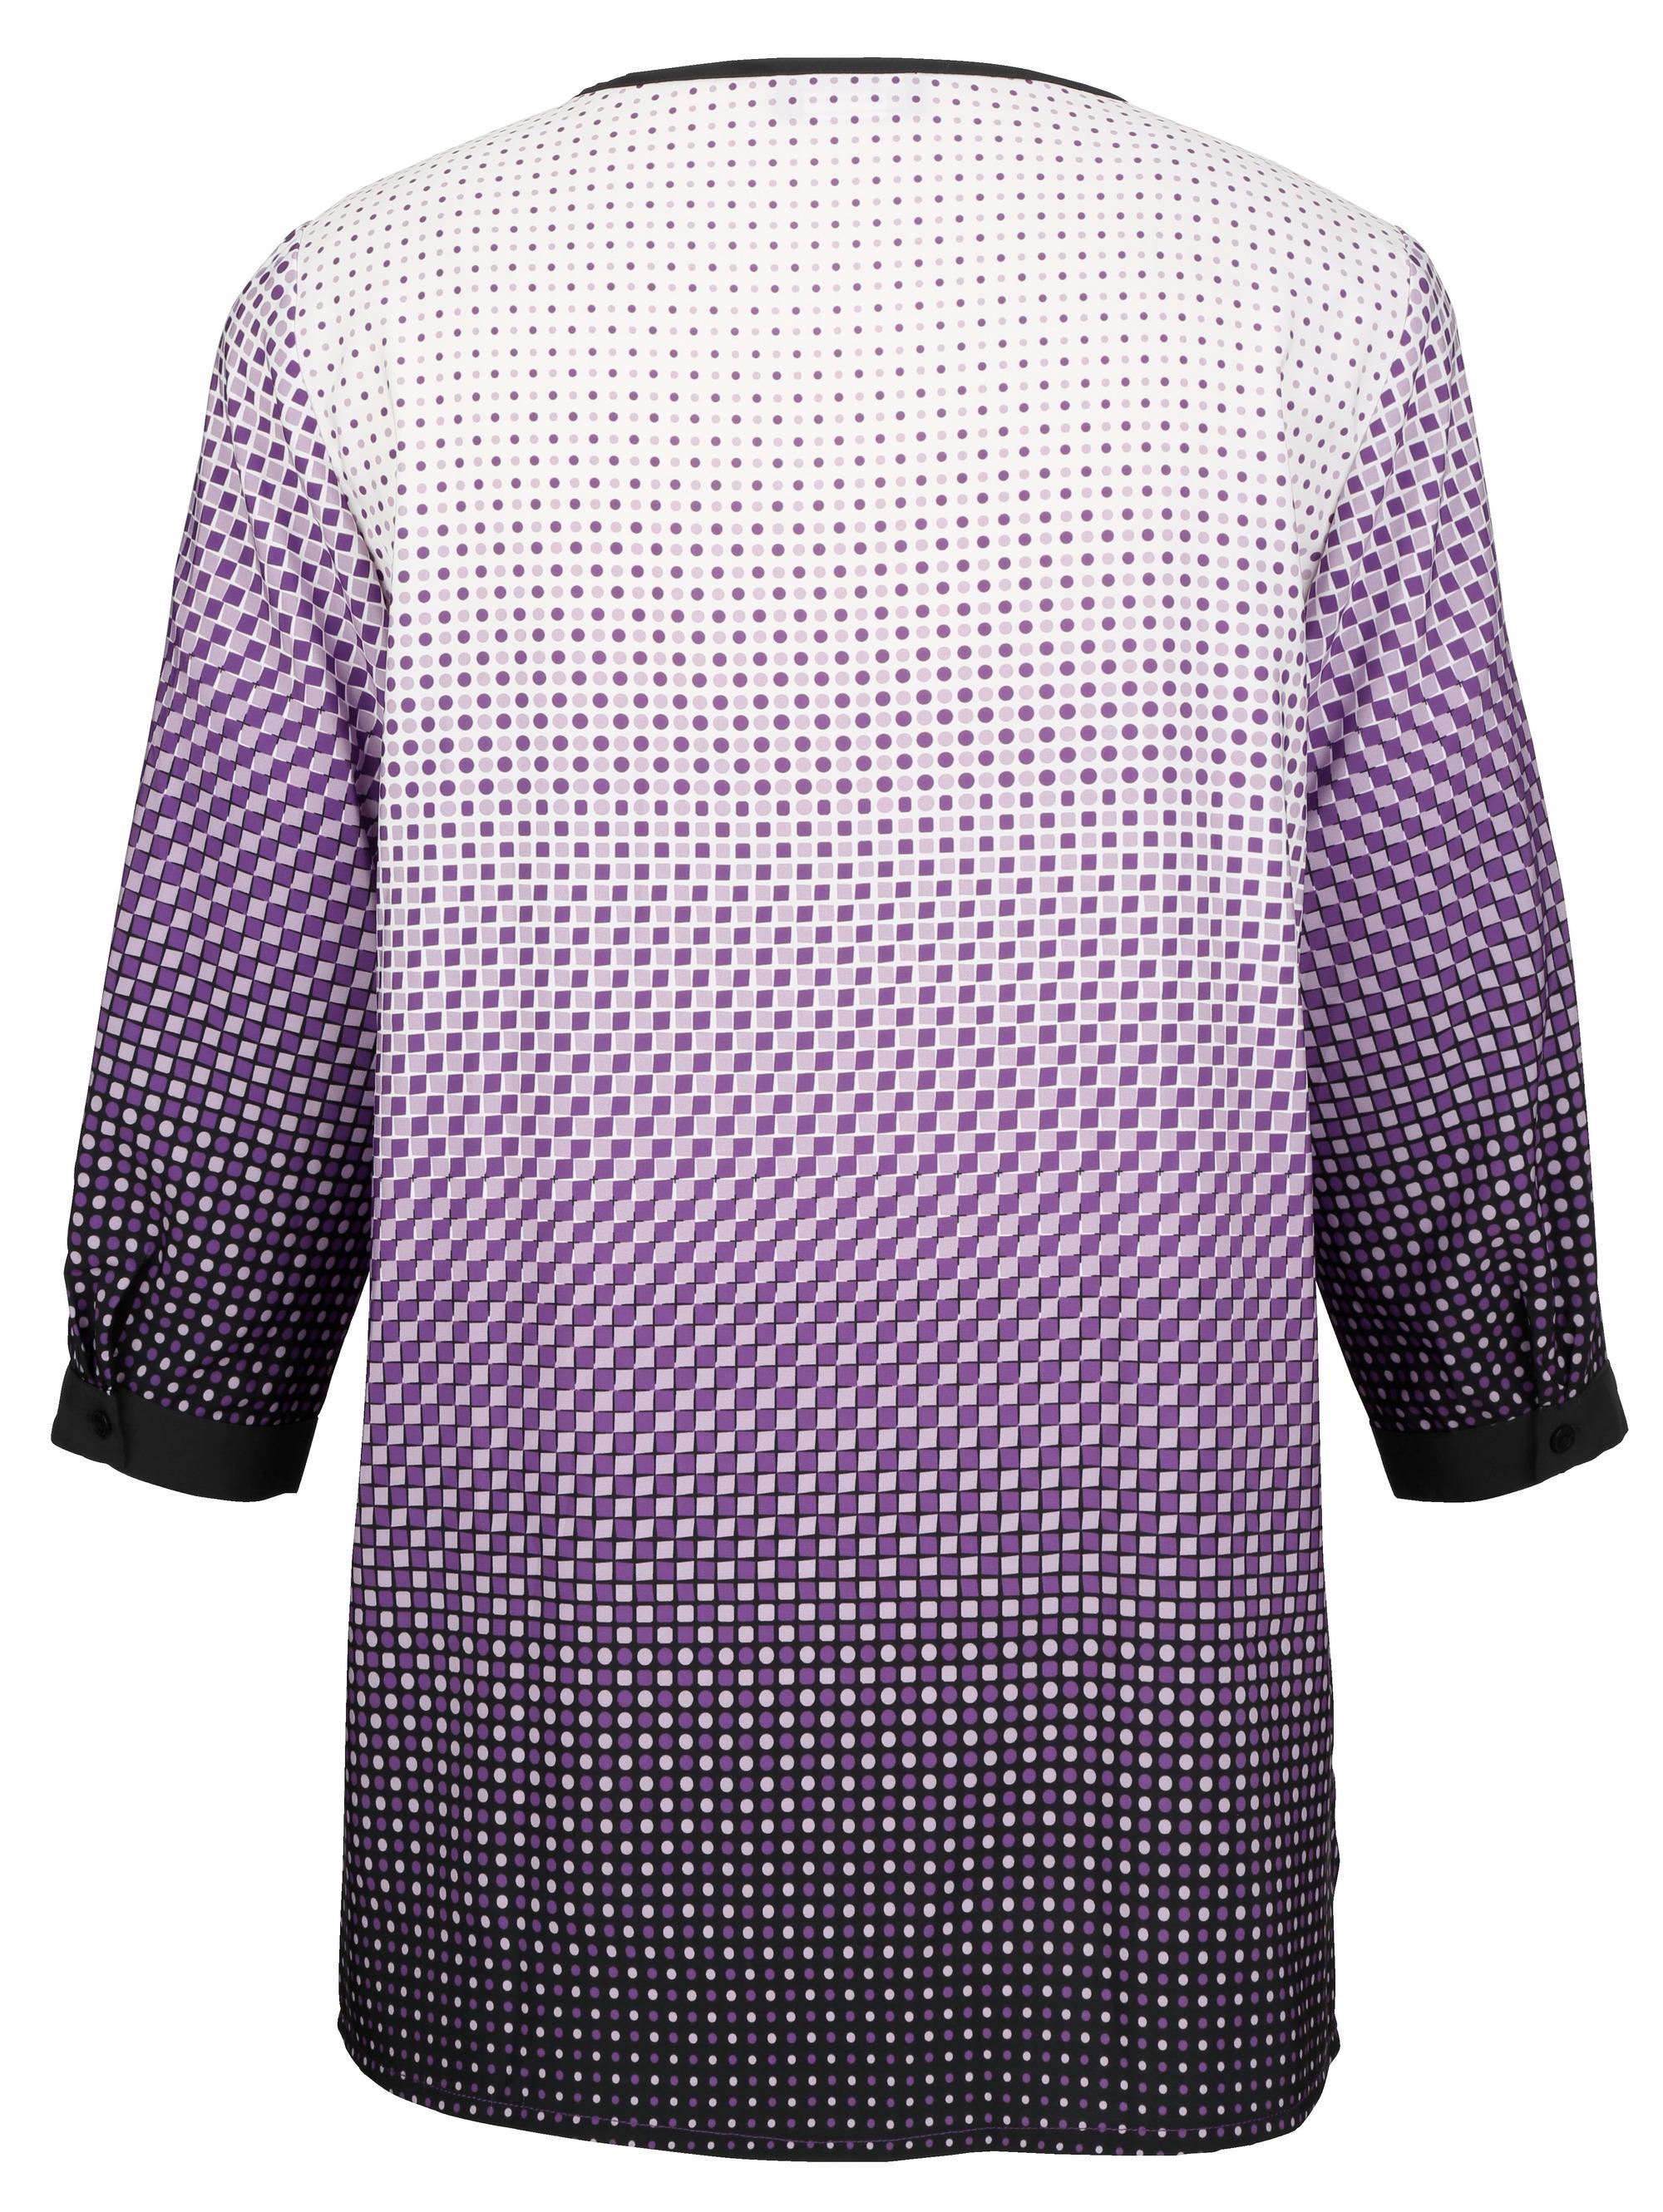 m collection Bluse mit frischem Druckdessin